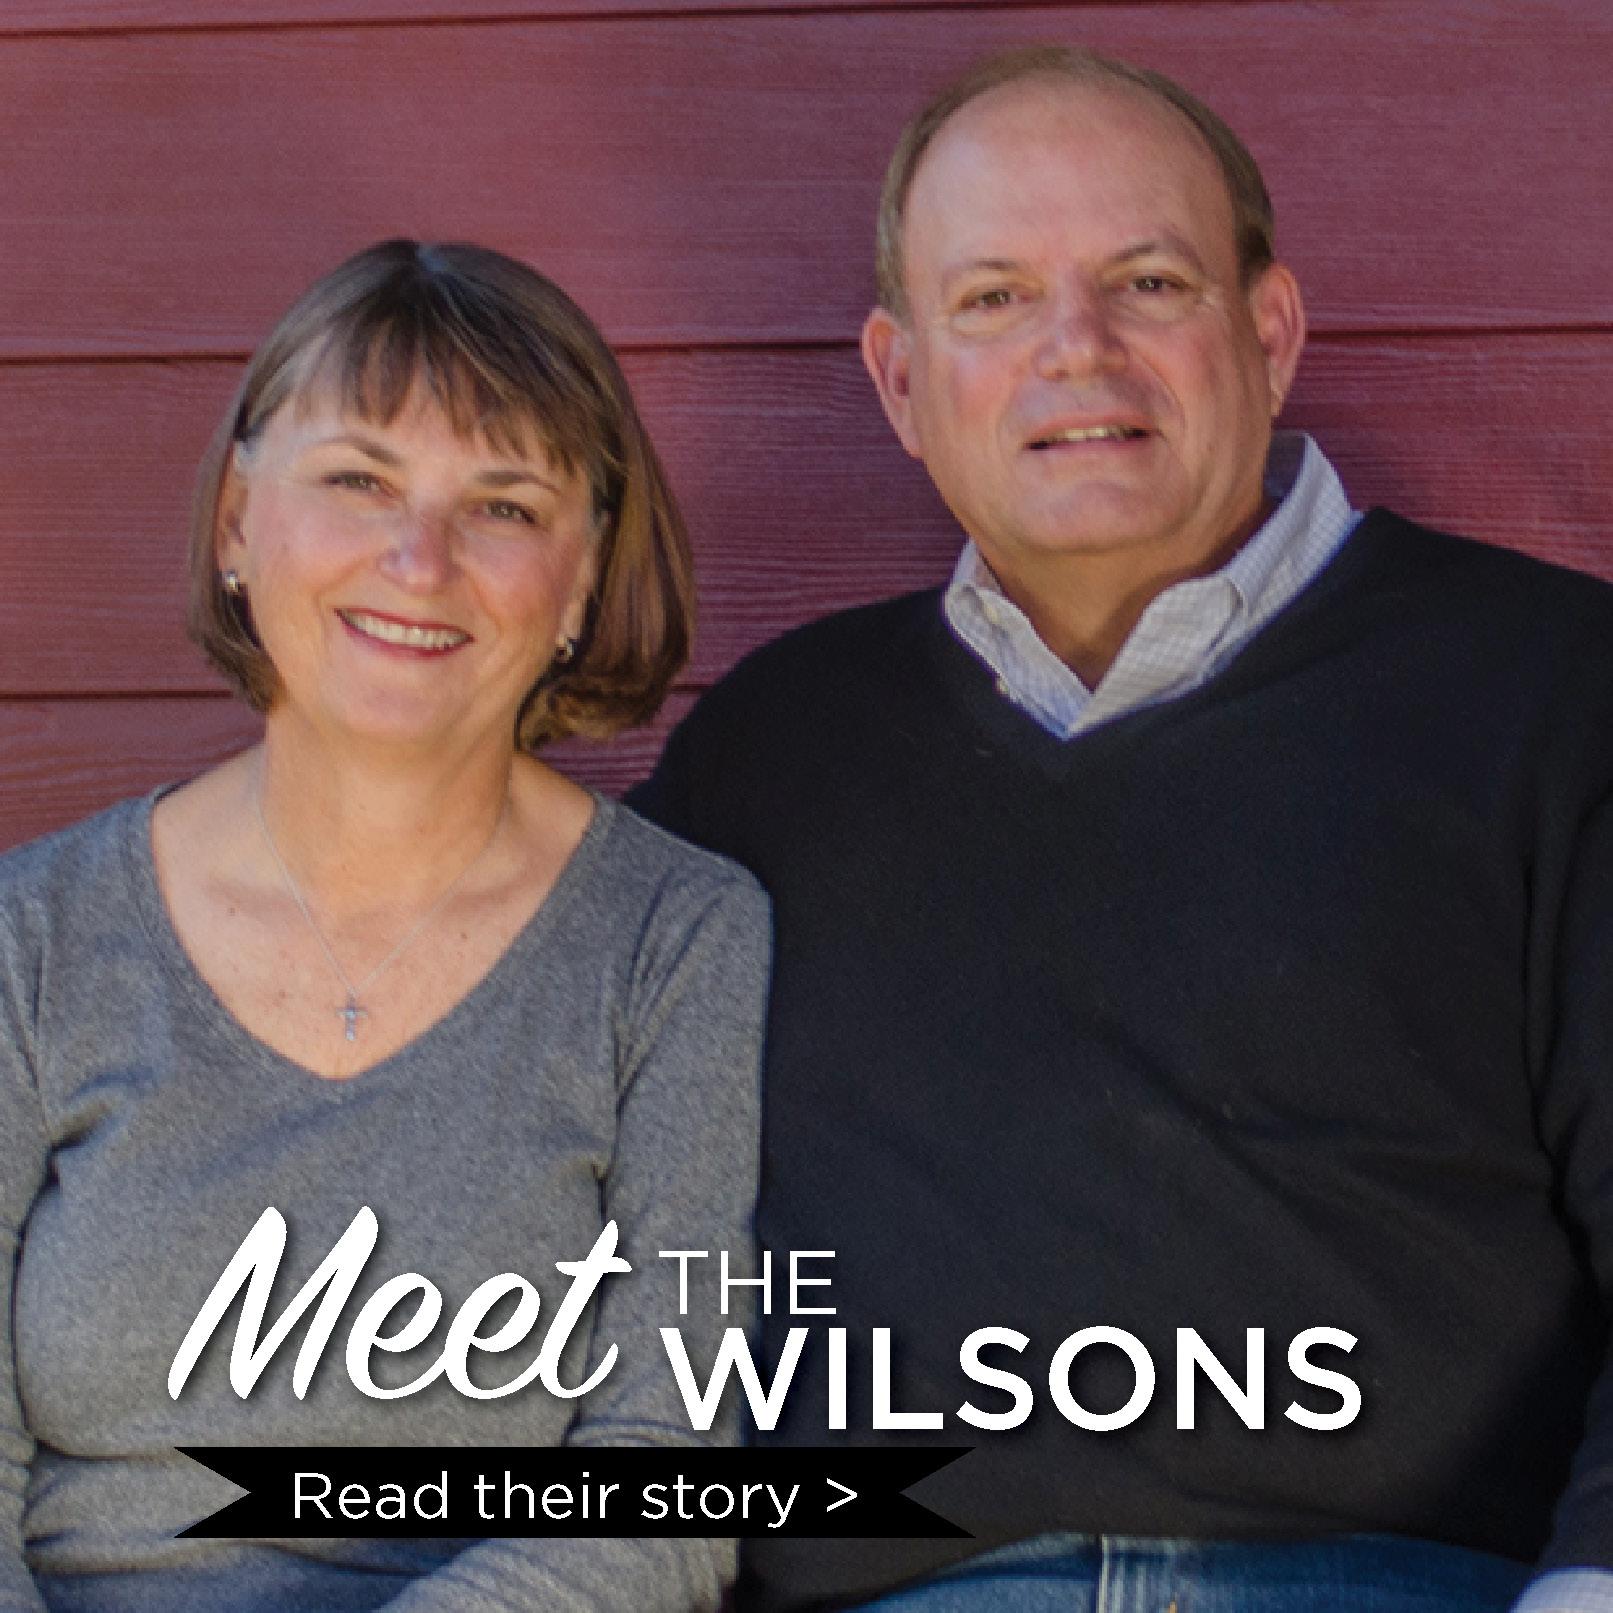 WILSONS.jpg